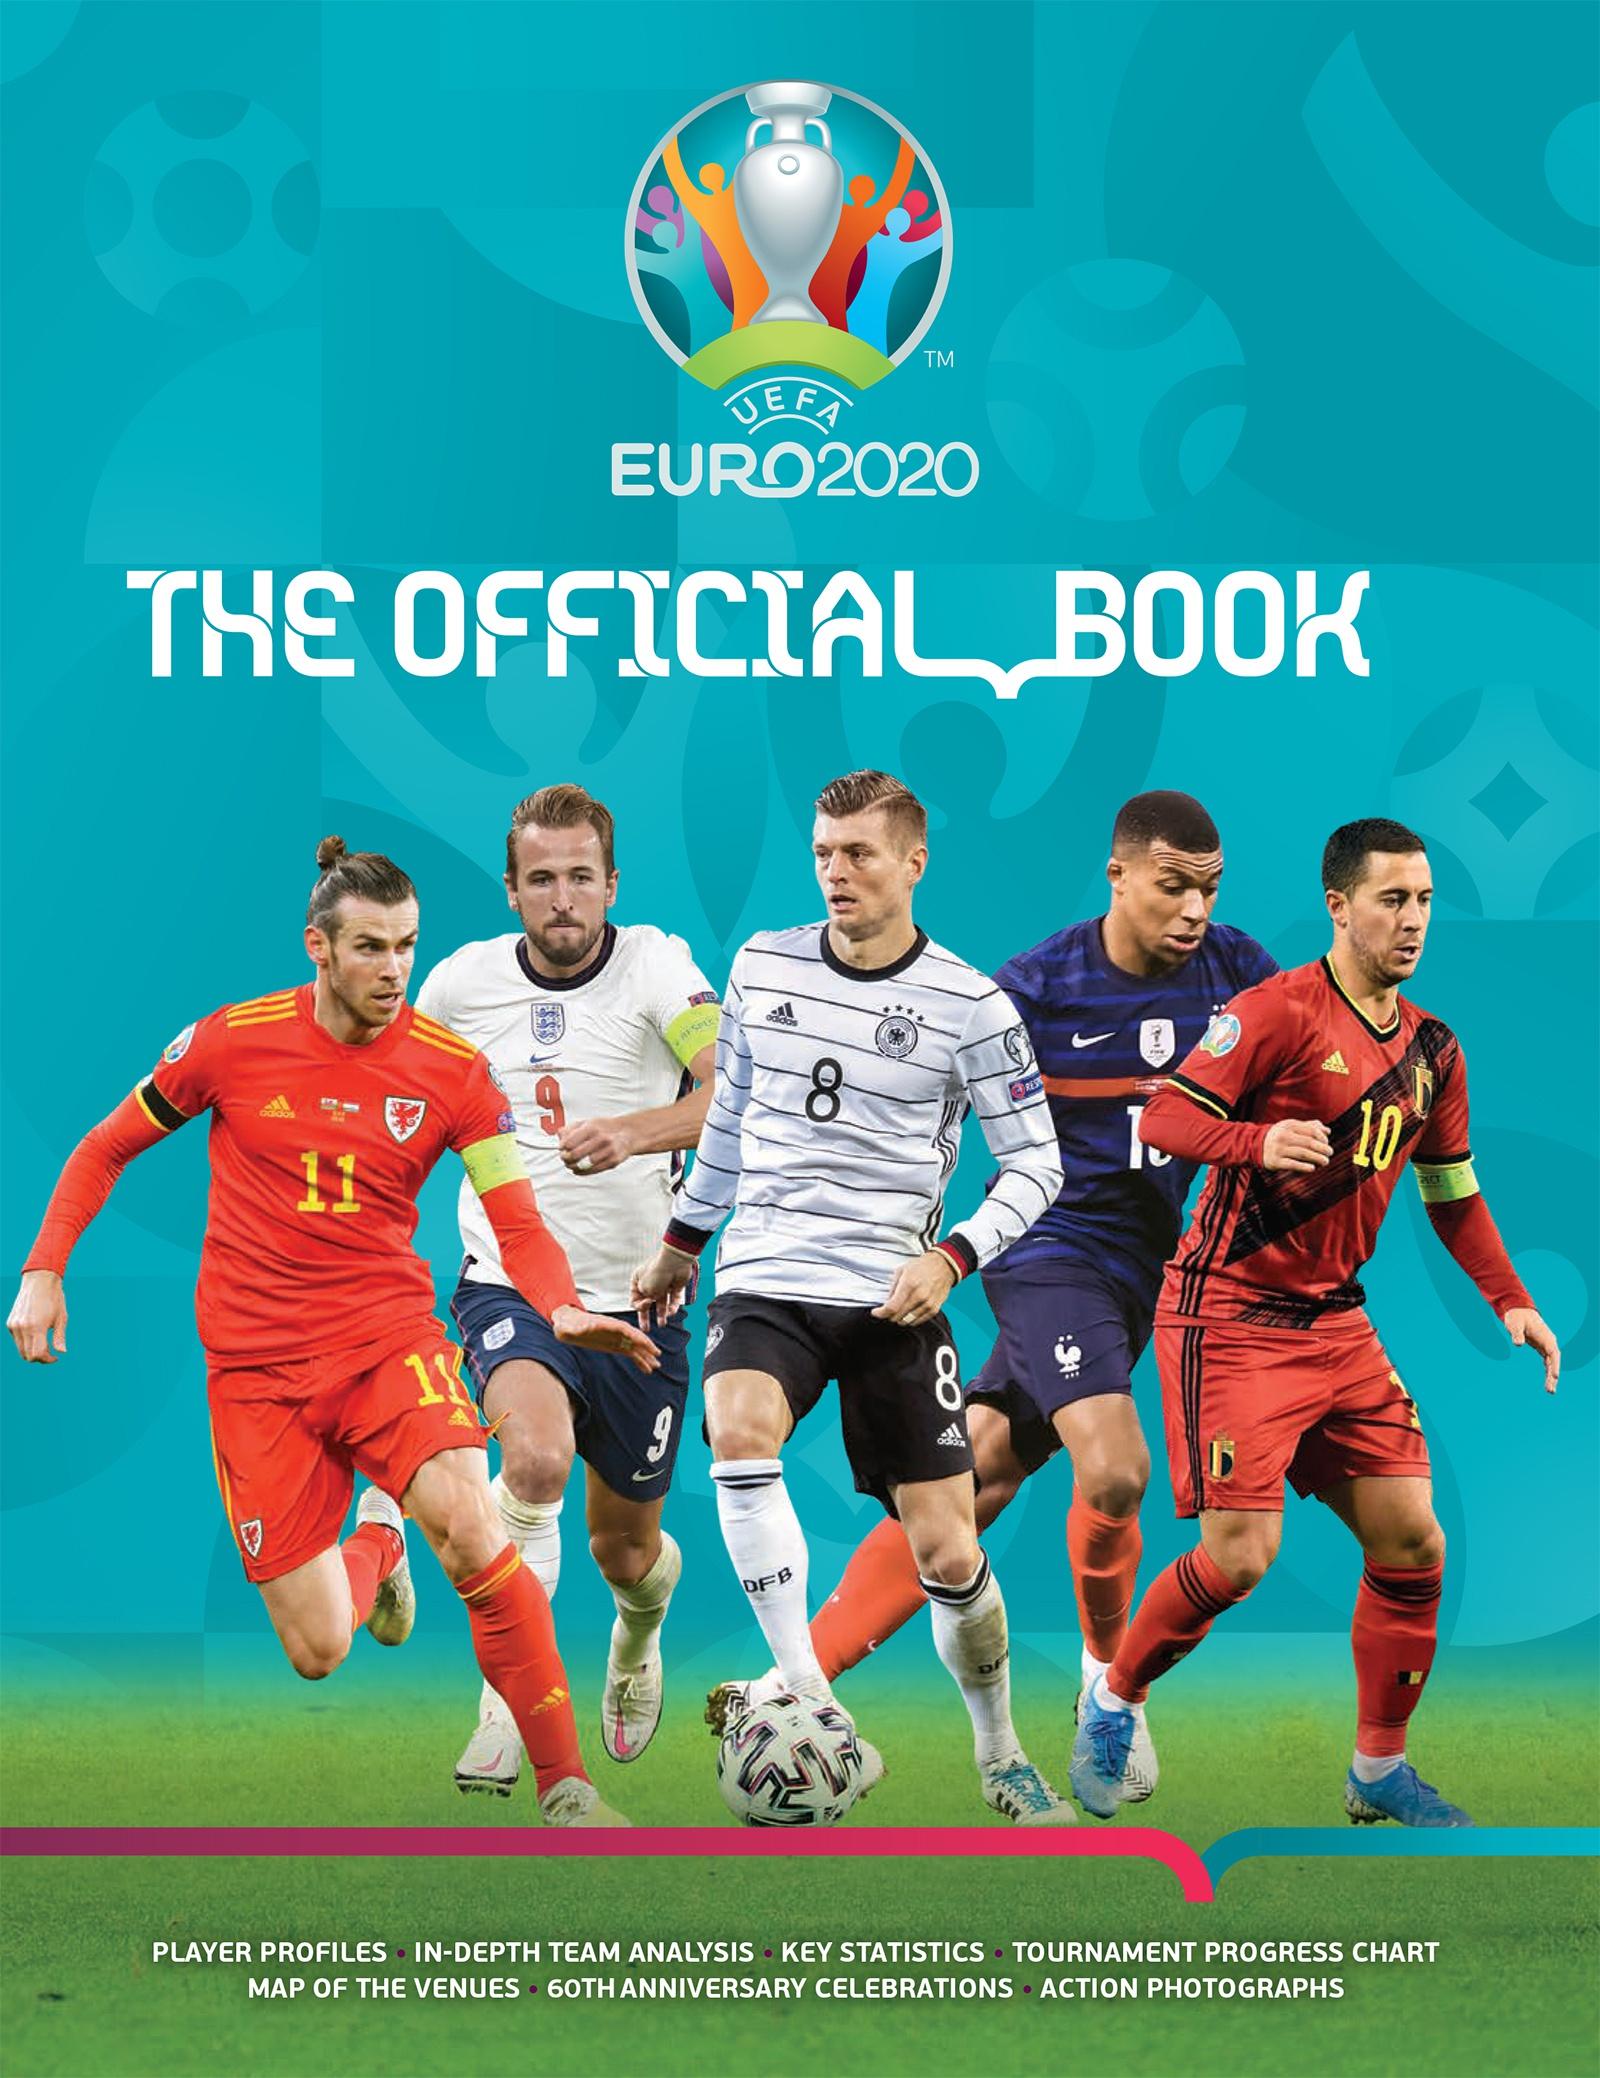 UEFA EURO 2020: The Official Book - Keir Radnedge ...